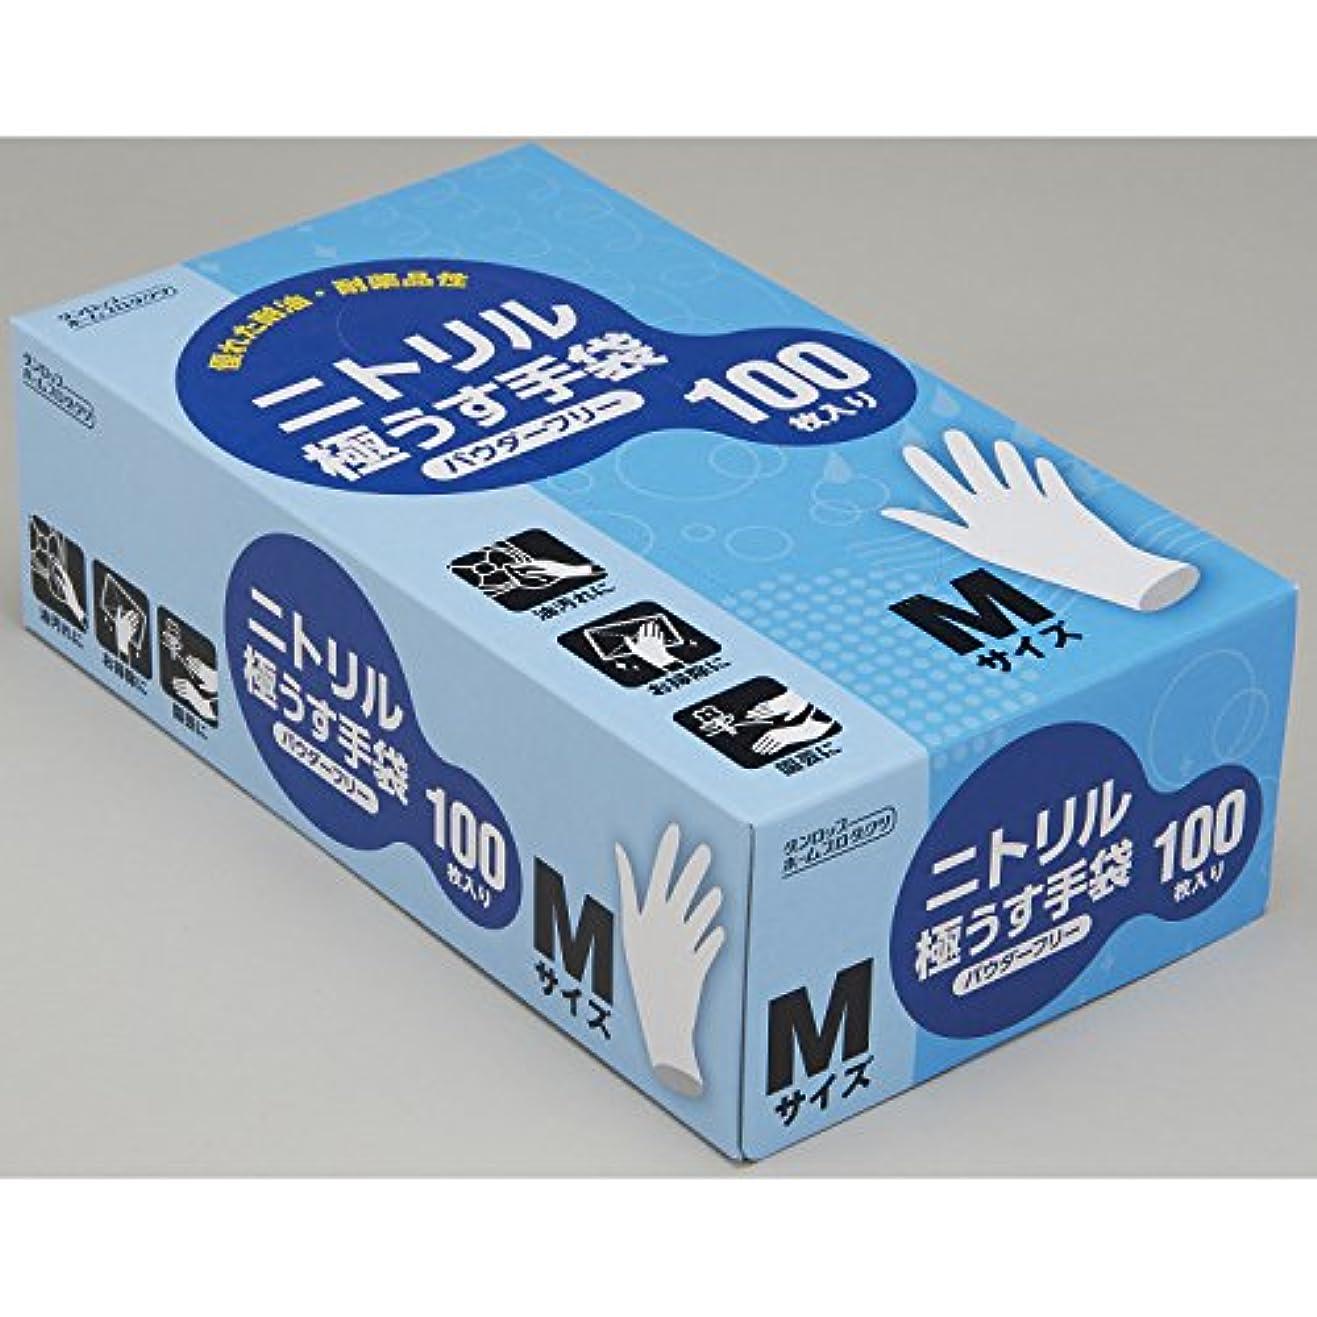 グローバレル美しいダンロップ ホームプロダクツ ゴム手袋 ニトリル 極薄 パウダーフリー ホワイト M 介護 お掃除 園芸  100枚入